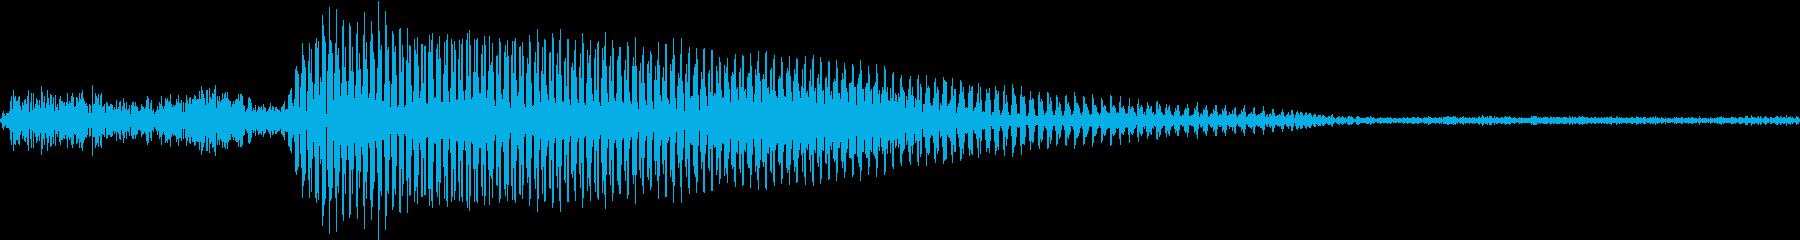 セーフ!女の子の声の再生済みの波形